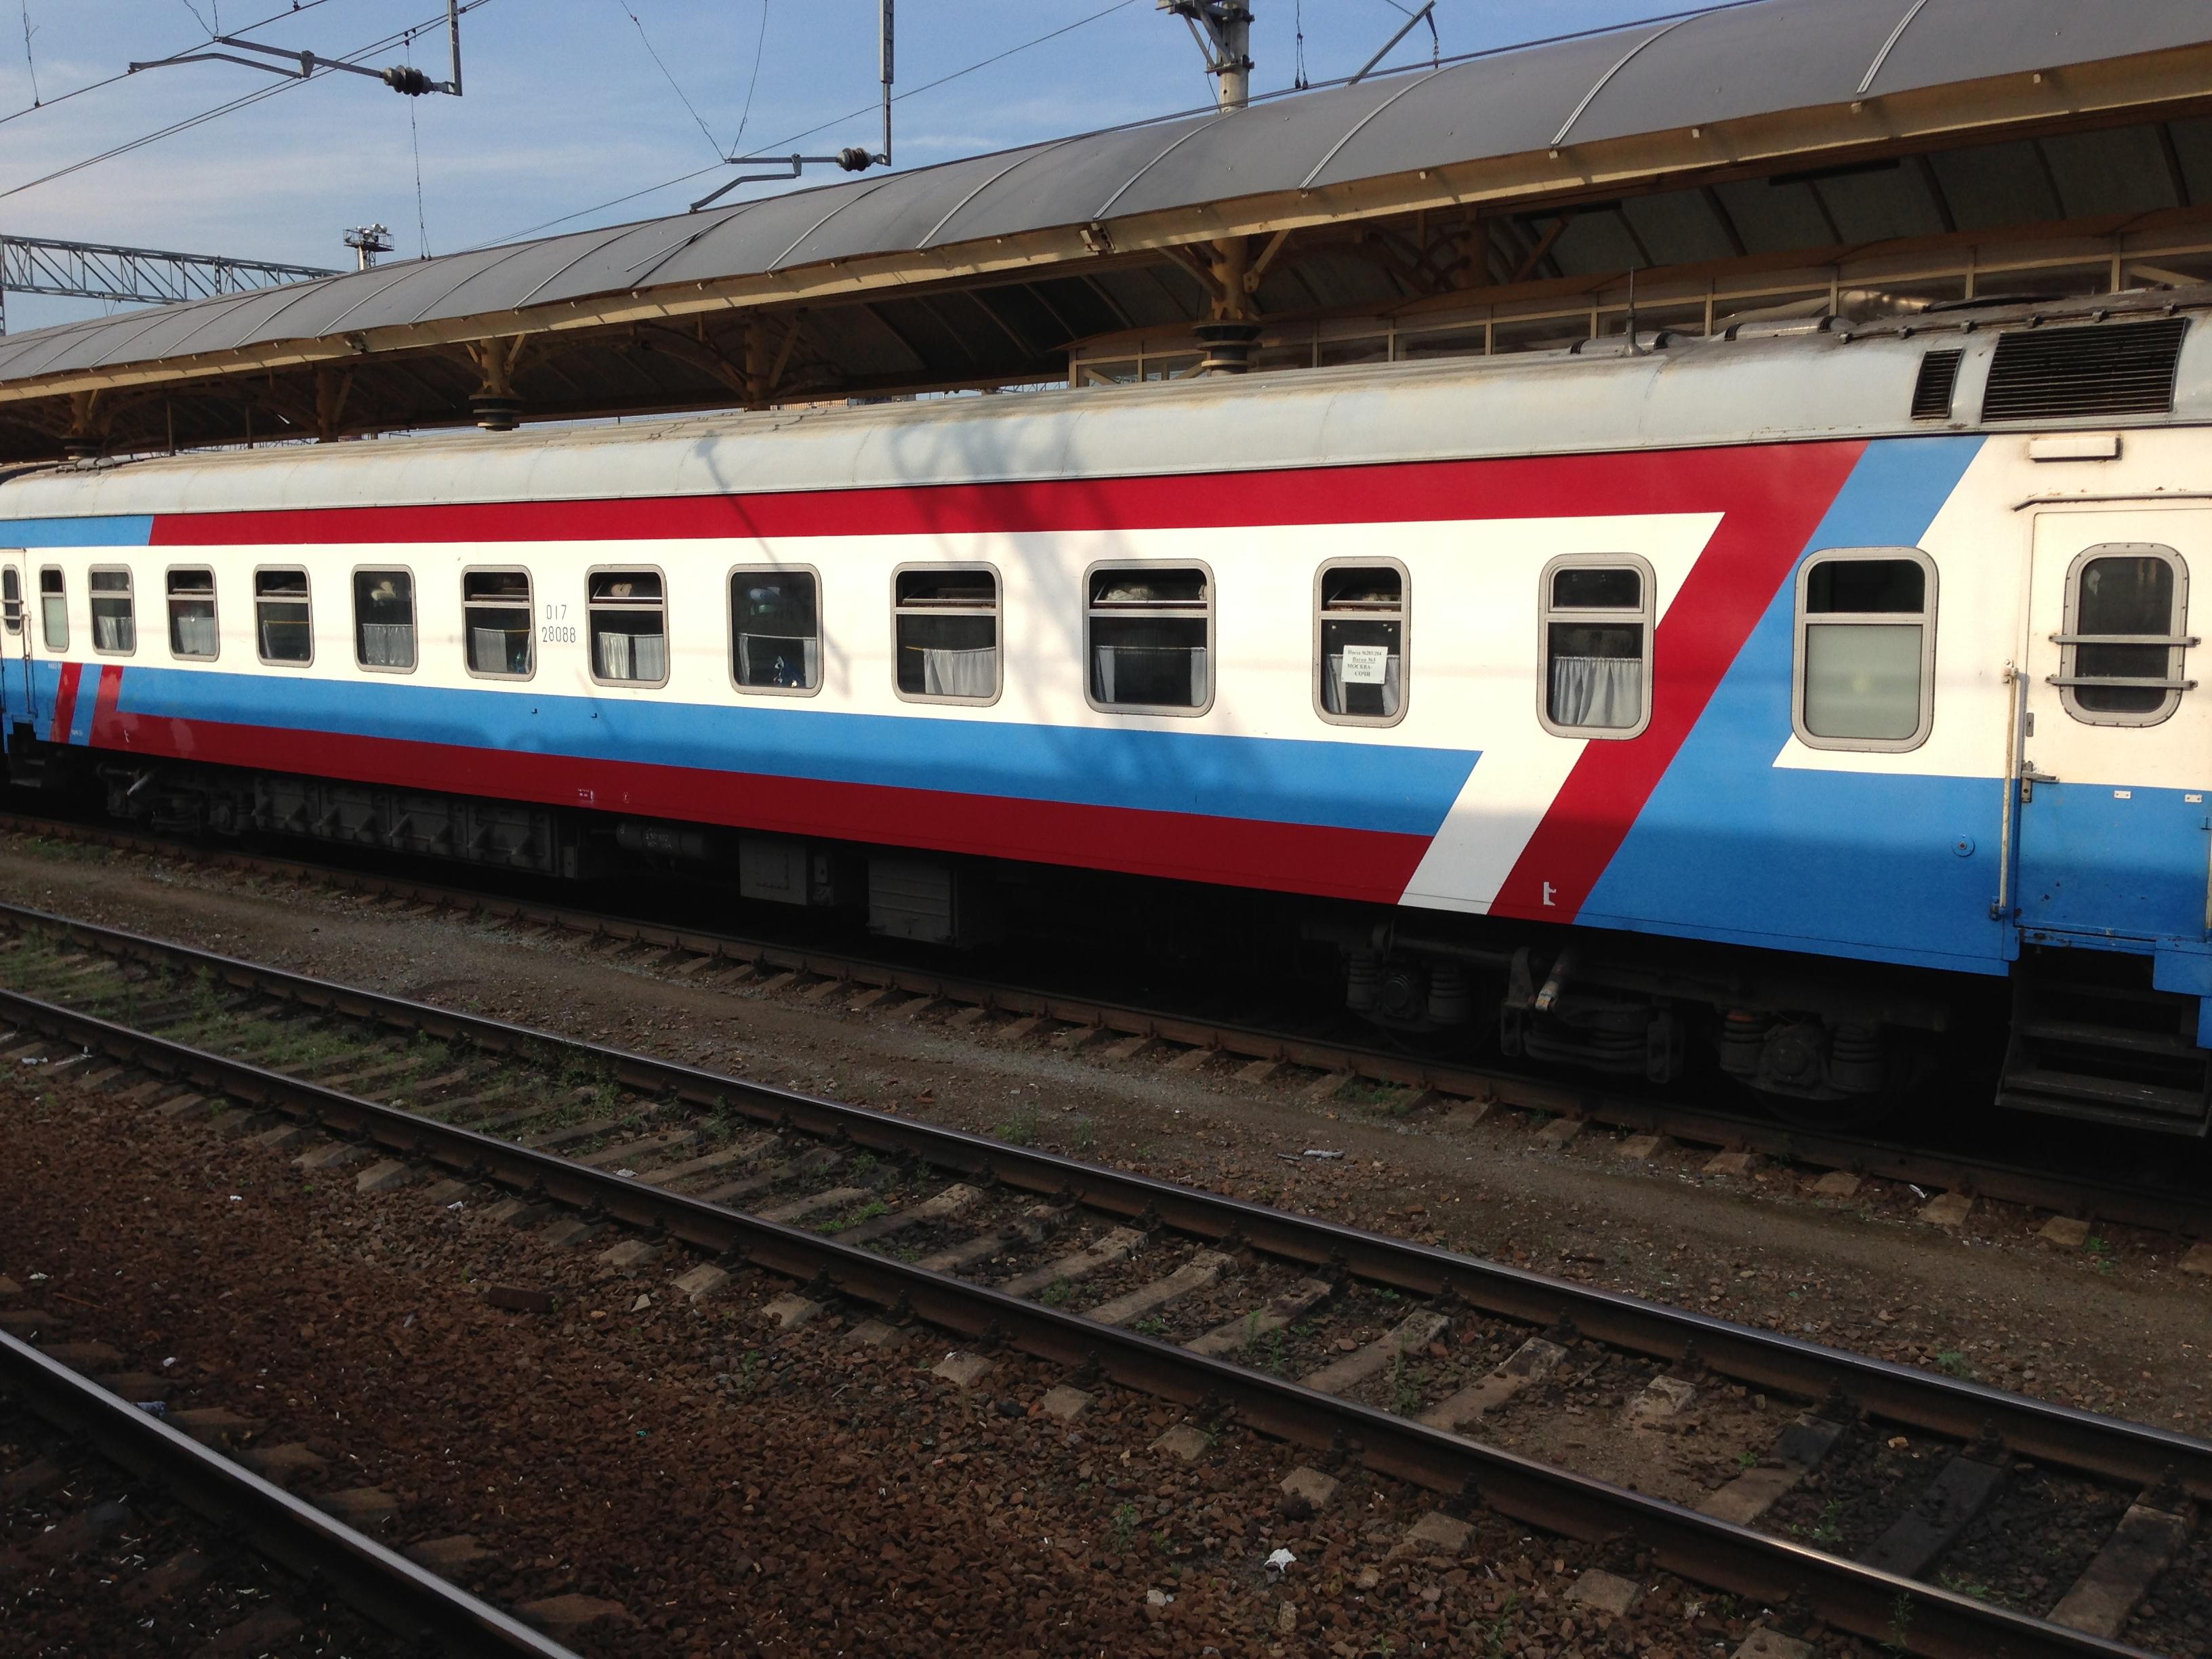 Поезд 283ч москва адлер купить билеты билеты в узбекистан на самолет фергана